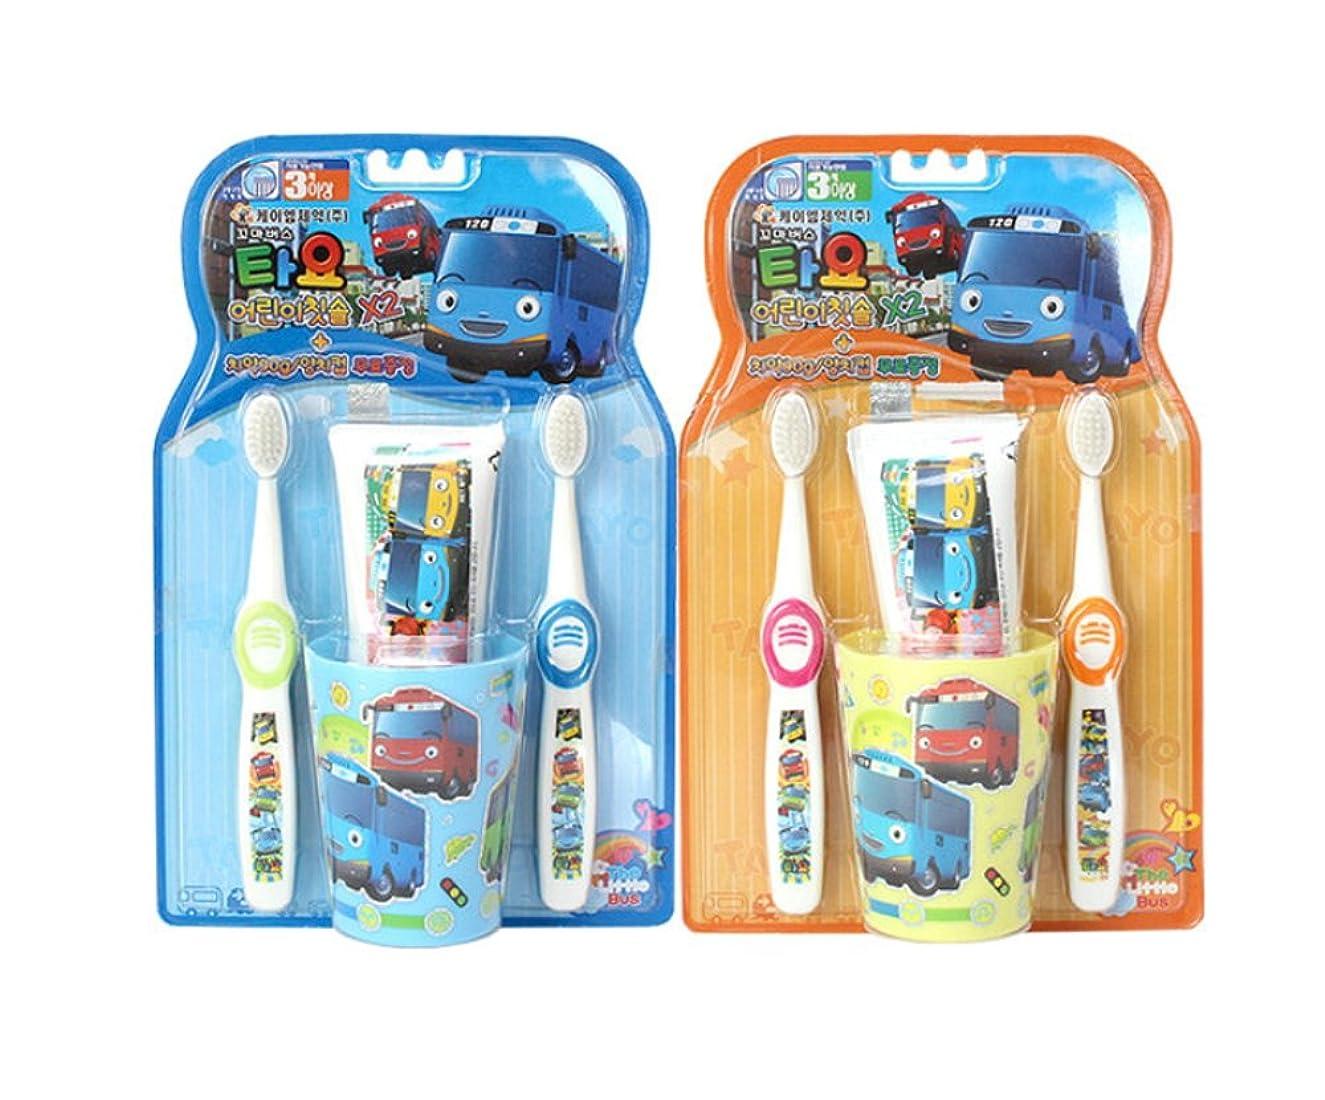 セレナ内側安価な[SET] Tayo The Little Bus ちびっこバス タヨ 子ども用ハブラシ 乳歯?オーラルケア 歯磨き粉 歯ブラシ 歯カップ セット 歯磨きセット子供の歯ブラシ (2 SET) [並行輸入品]